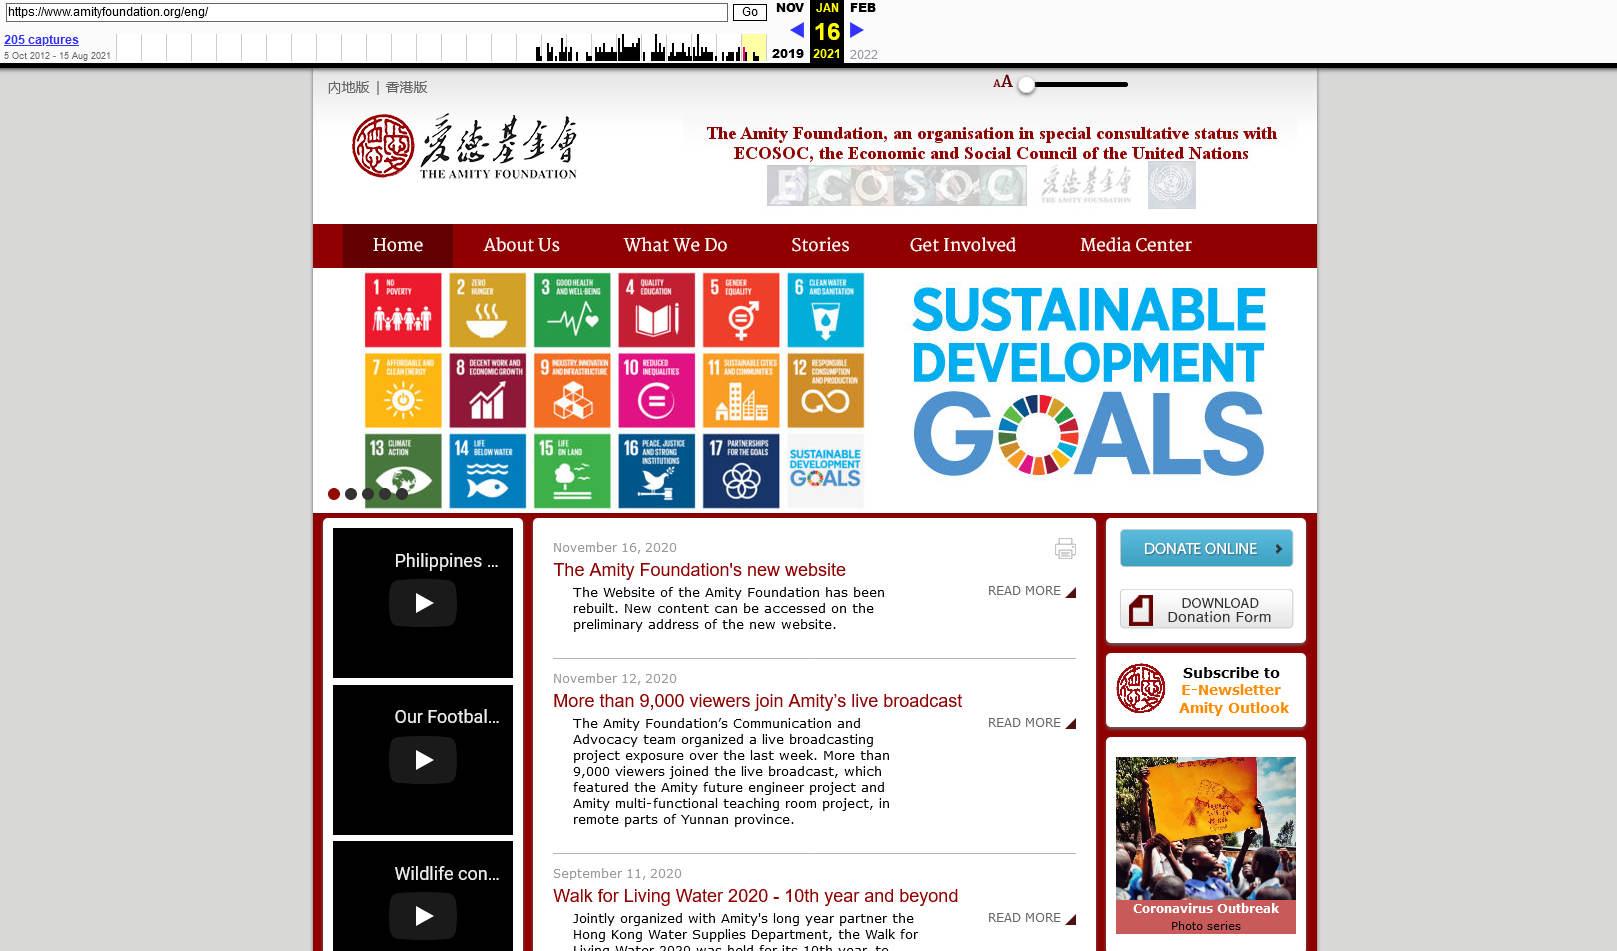 Screenshot of old website via waybackmachine